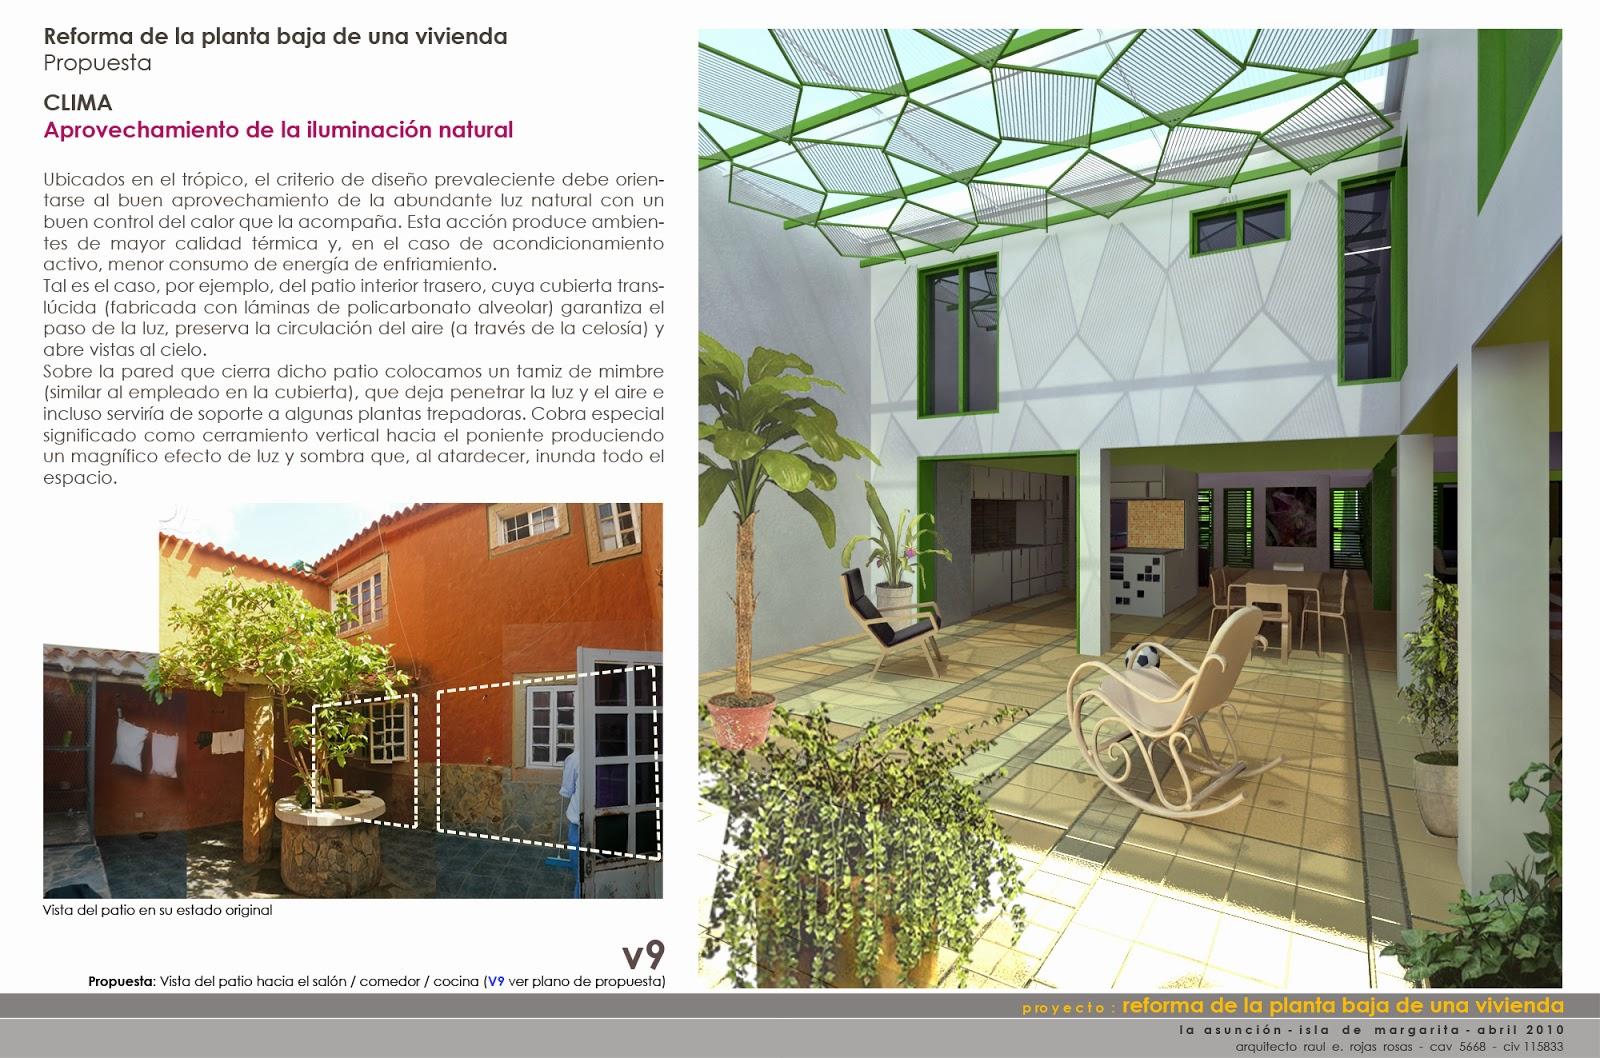 Proyectos r bca reforma de la planta baja de una vivienda for Reforma de una casa